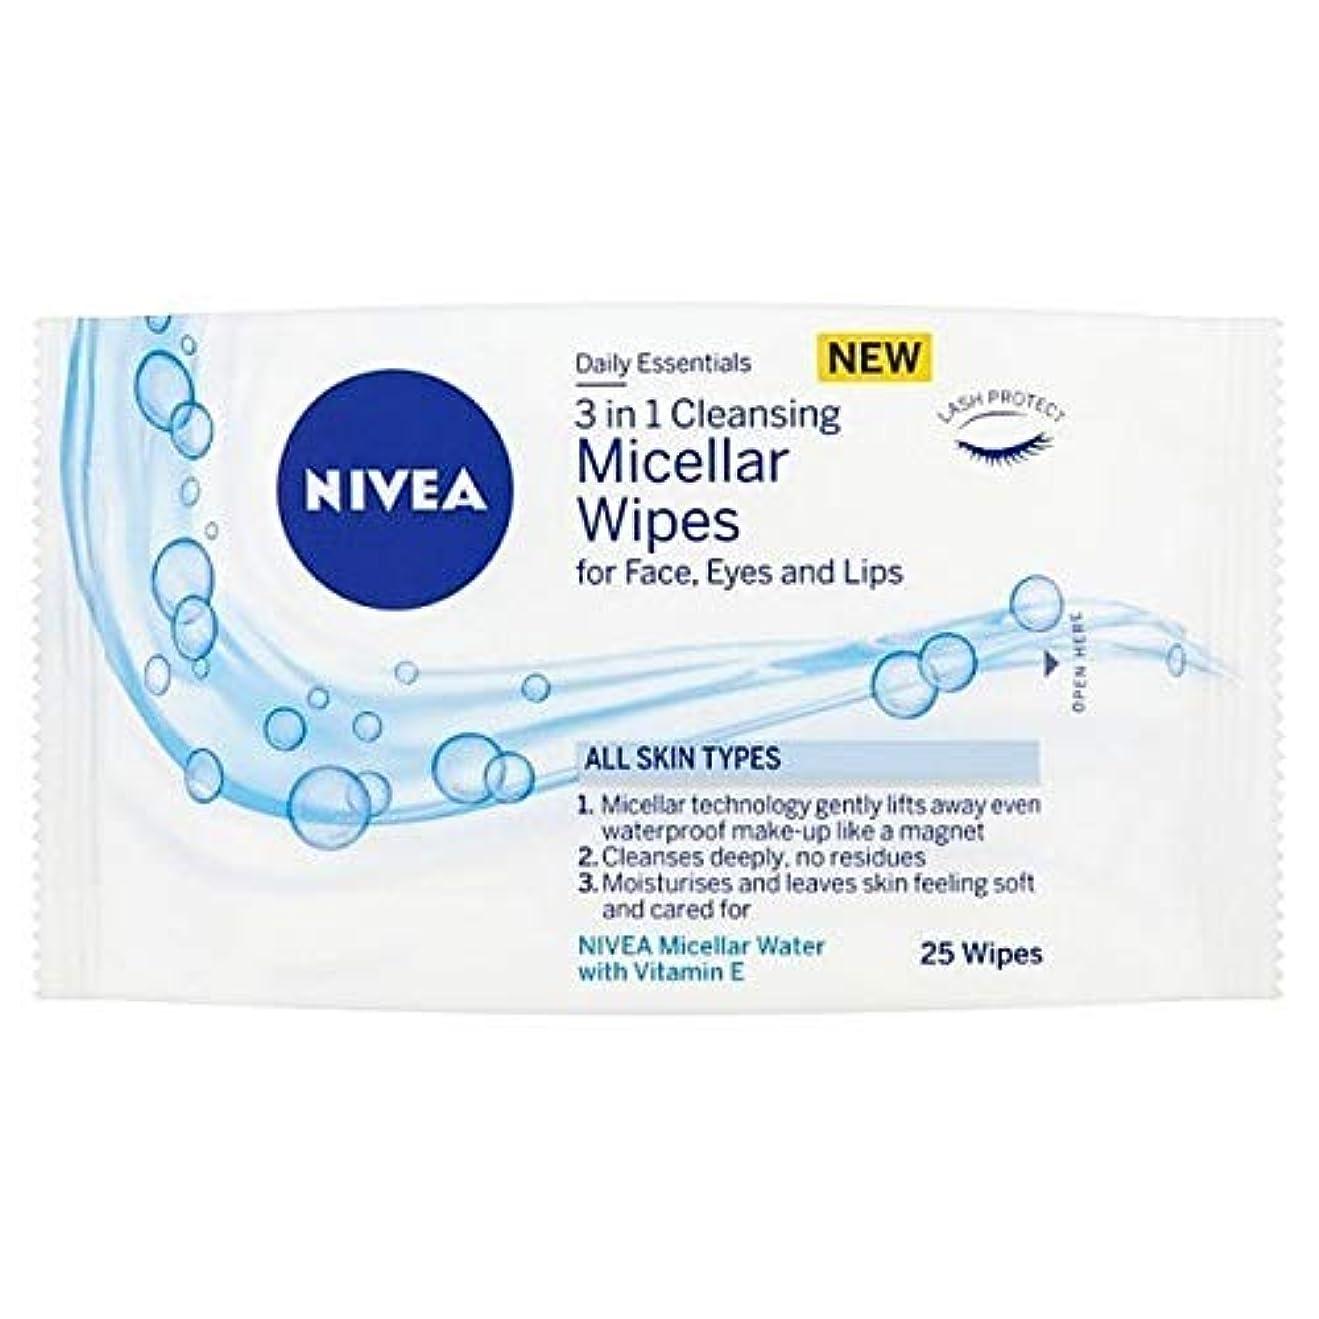 雰囲気保守的郵便[Nivea ] ニベアミセルクレンジング顔は、25のワイプワイプ - NIVEA Micellar Cleansing Face Wipes, 25 wipes [並行輸入品]